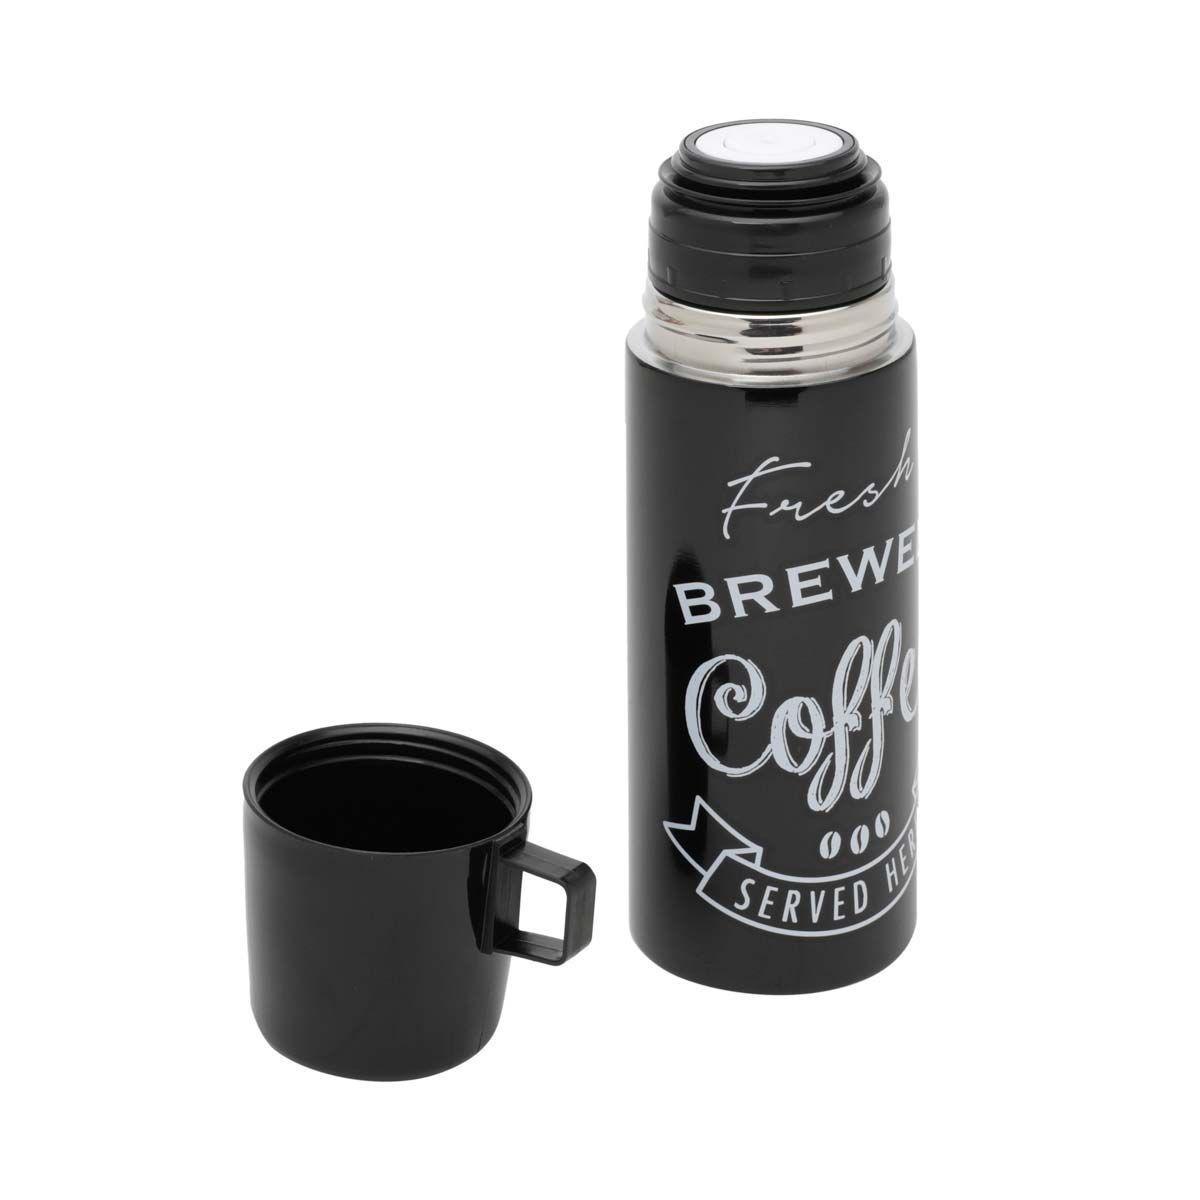 Garrafa Térmica 350 ml com Caneca Expresso Brewed Coffee